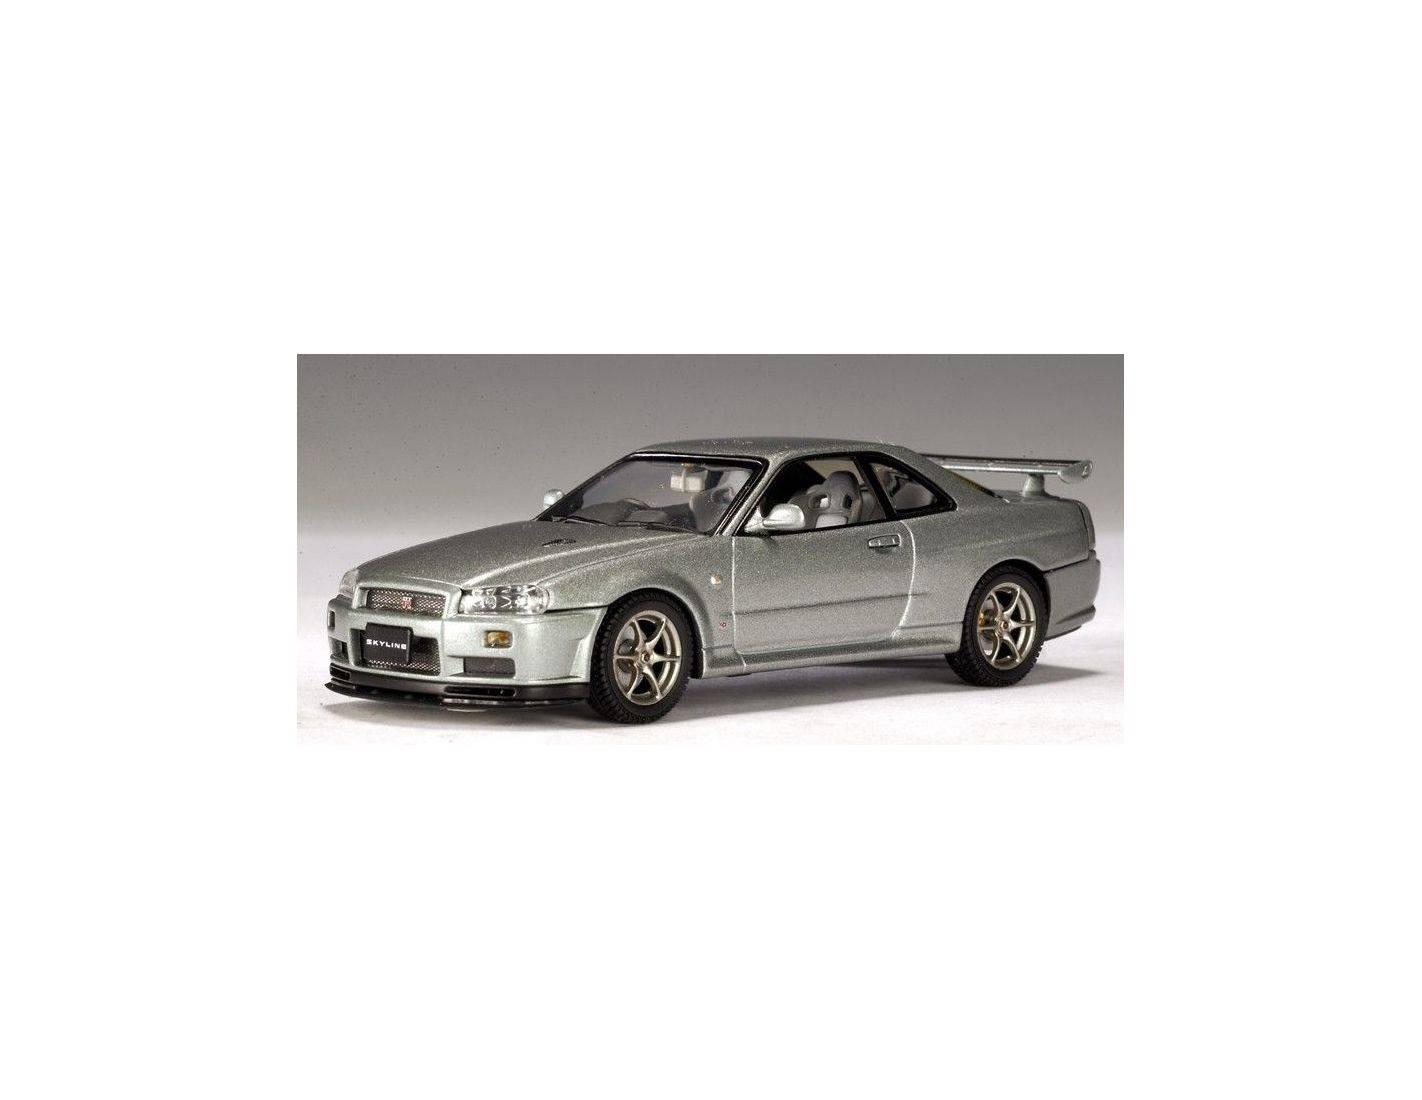 400 Auto Art Gateway 57332 Nissan Skyline R34 Gtr V Spec 143 Modellino